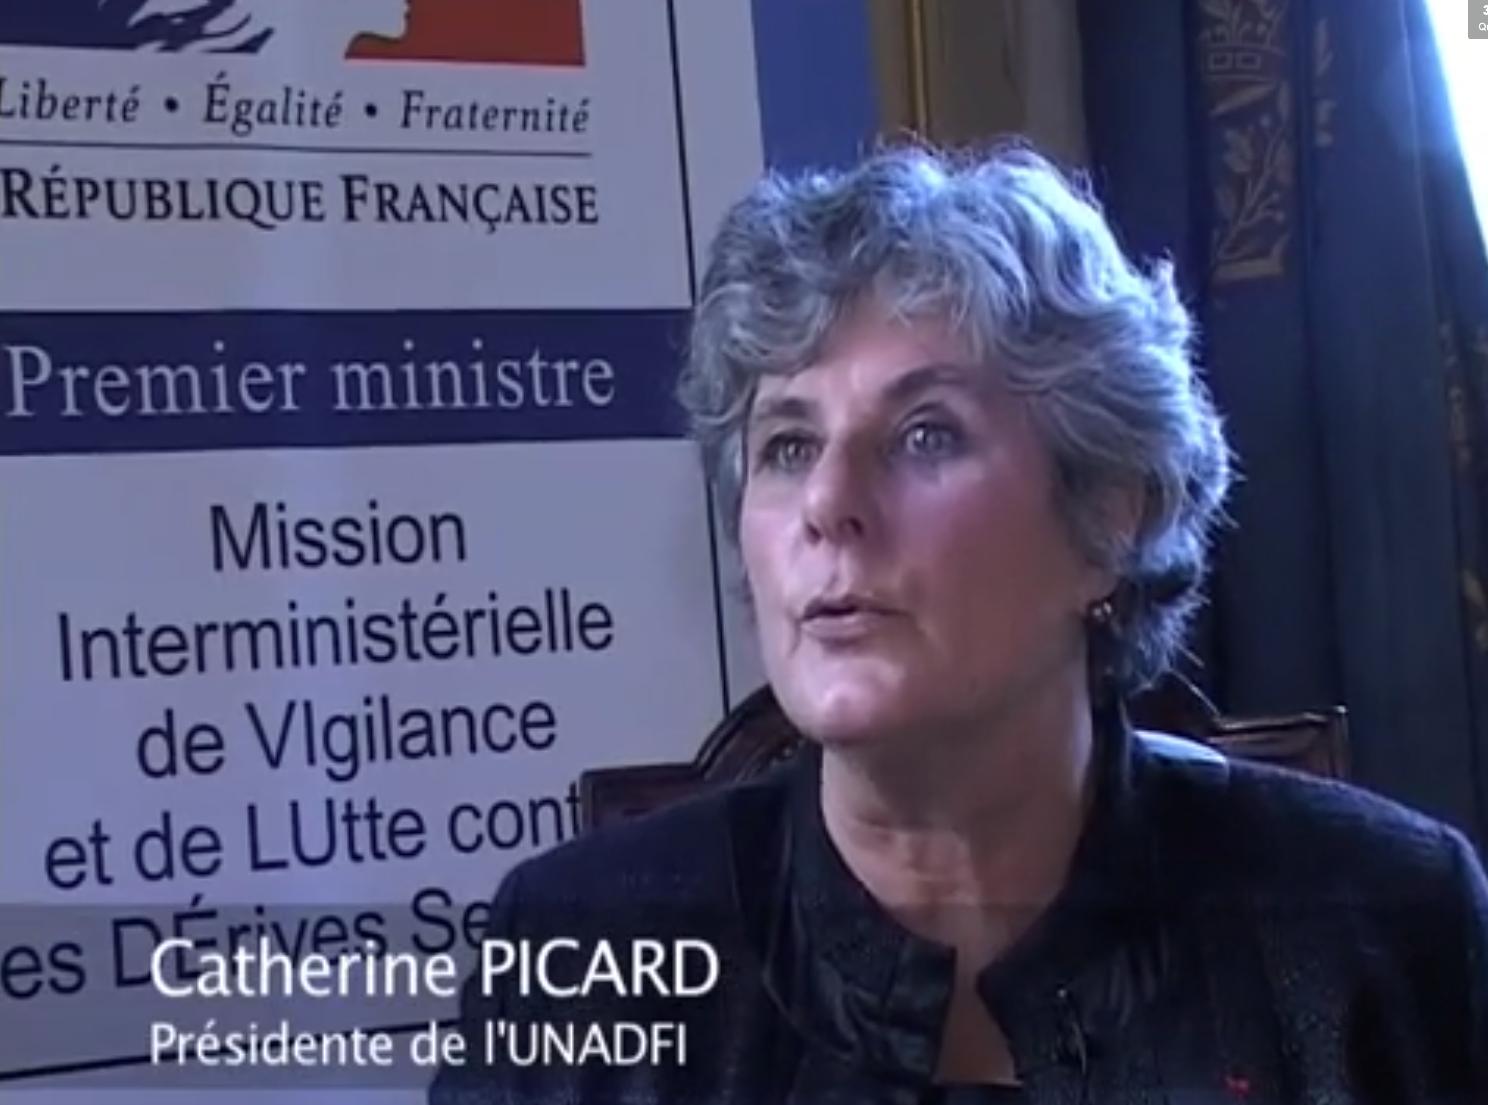 Picard, présidente de l'Unadfi. Photo: capture d'écran Courrier des maires.